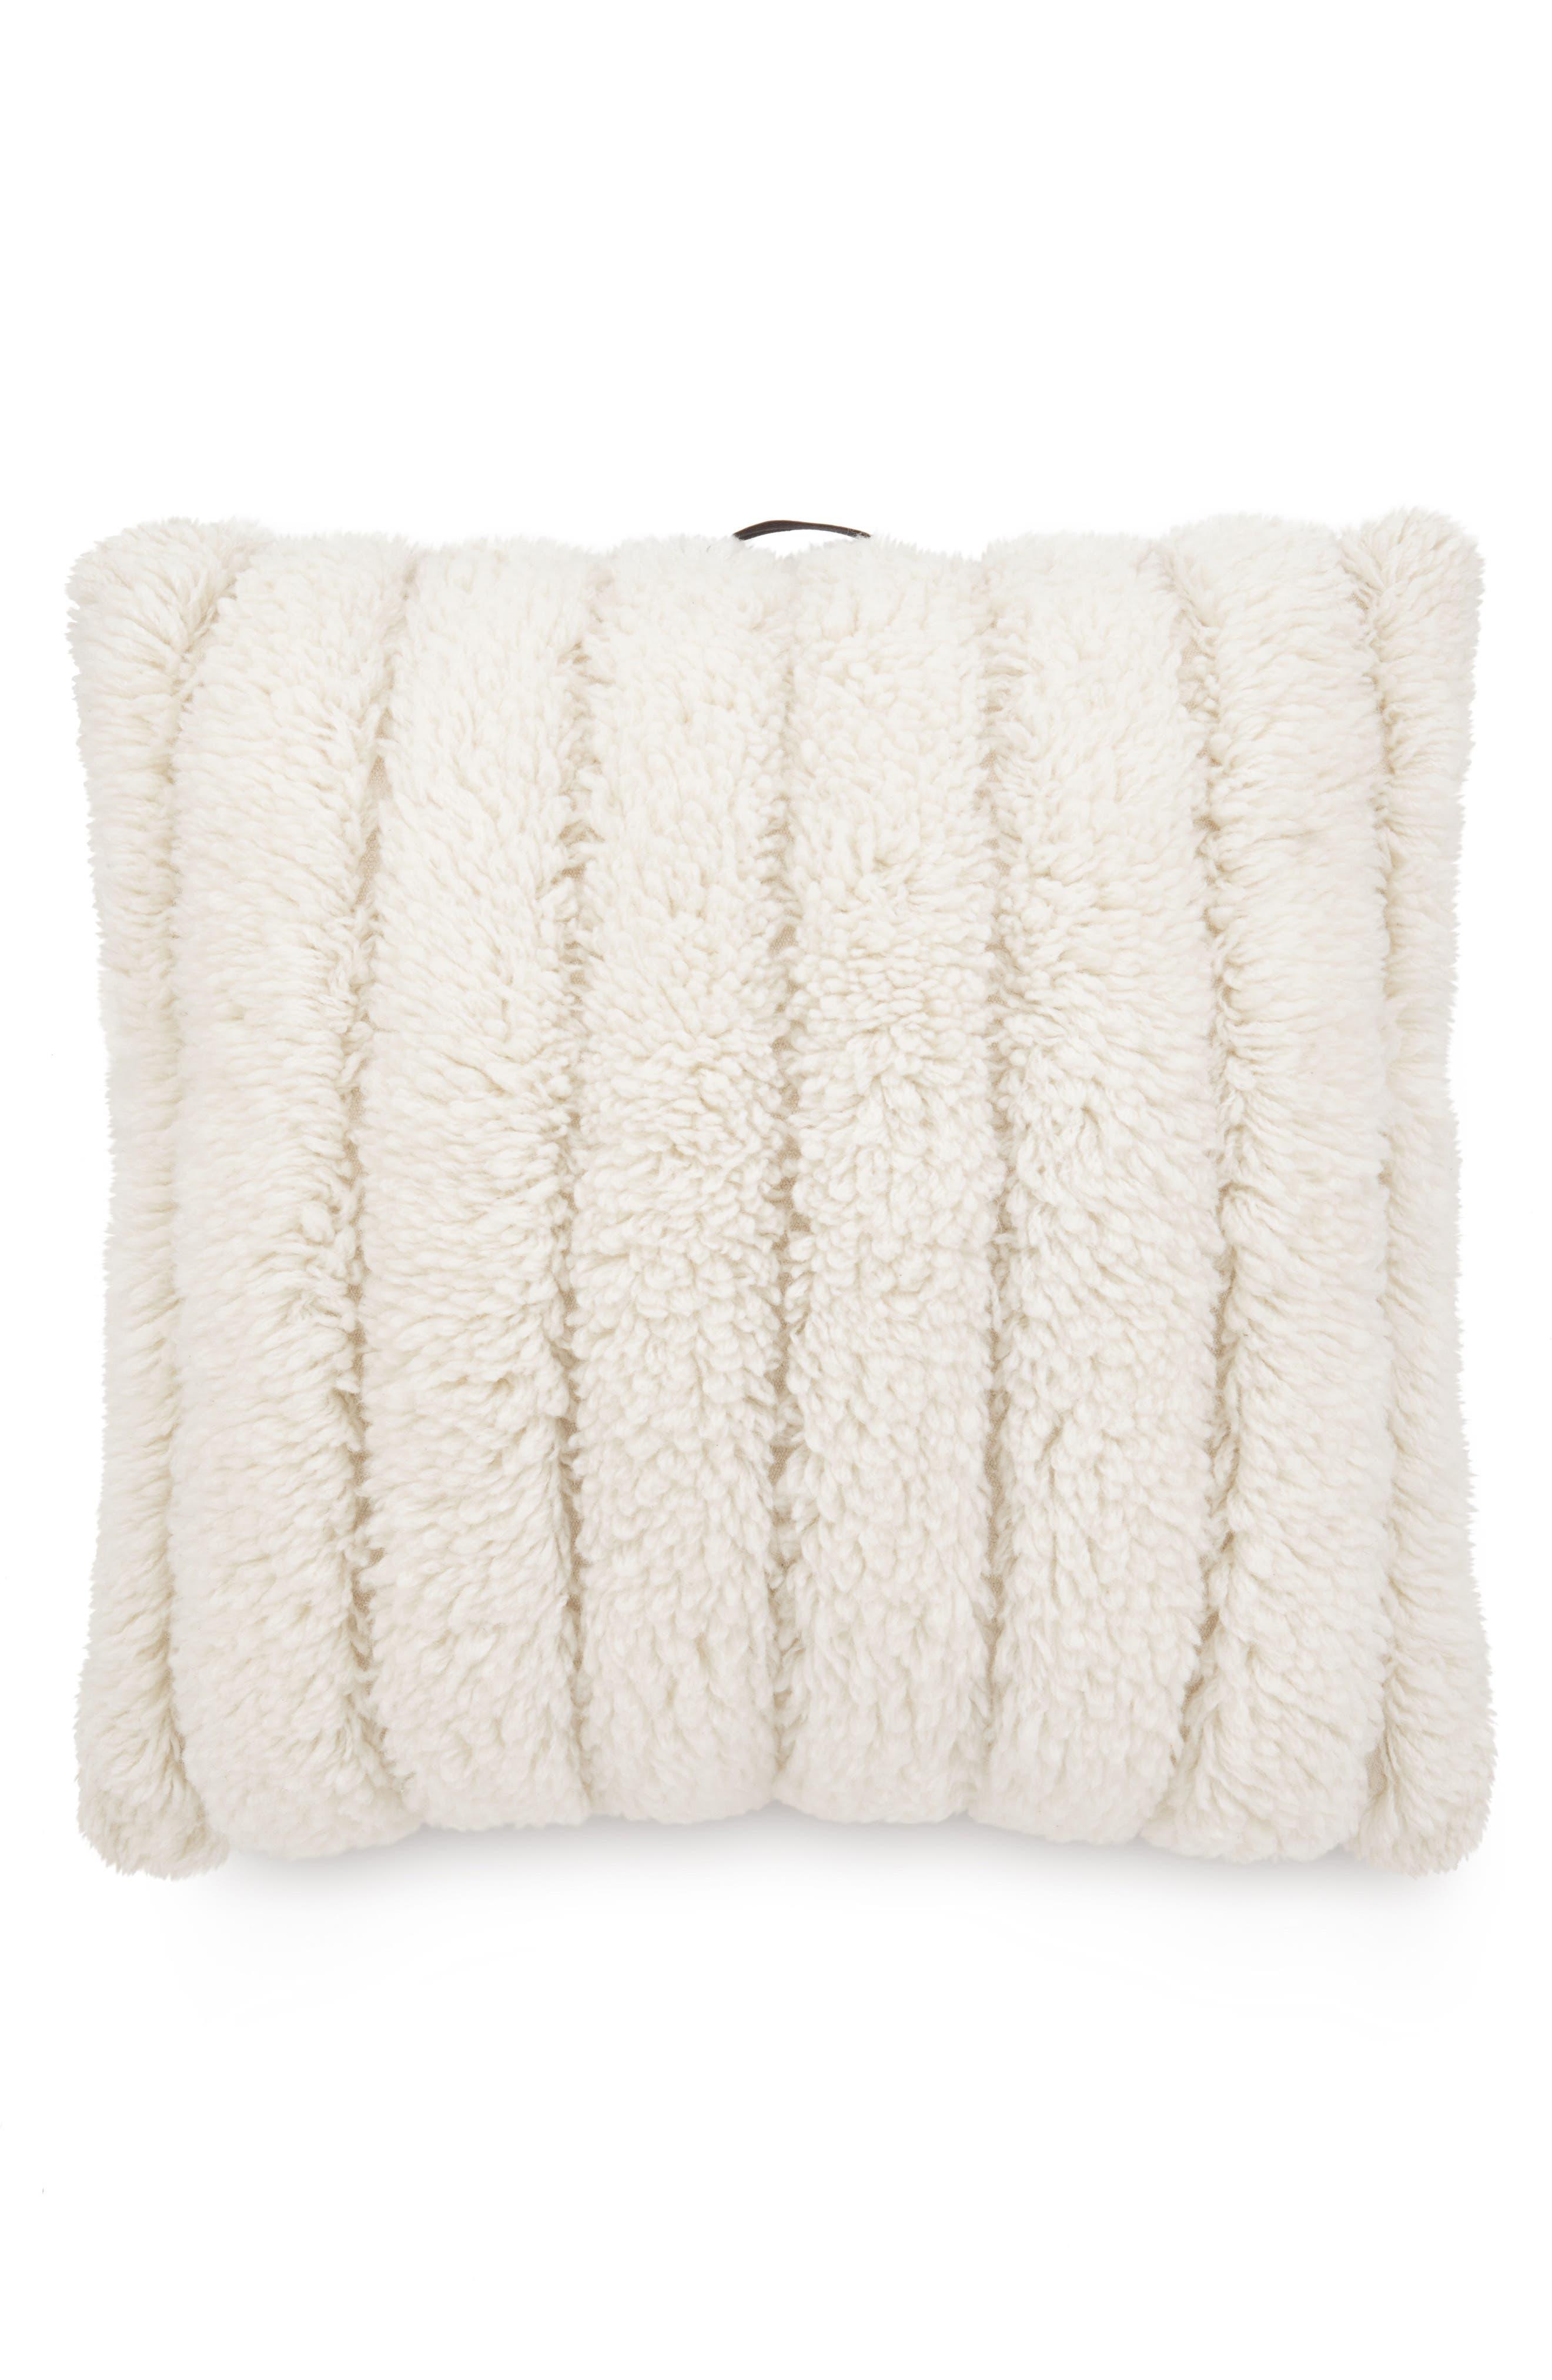 Tufty Yarn Pillow,                             Main thumbnail 1, color,                             Natural